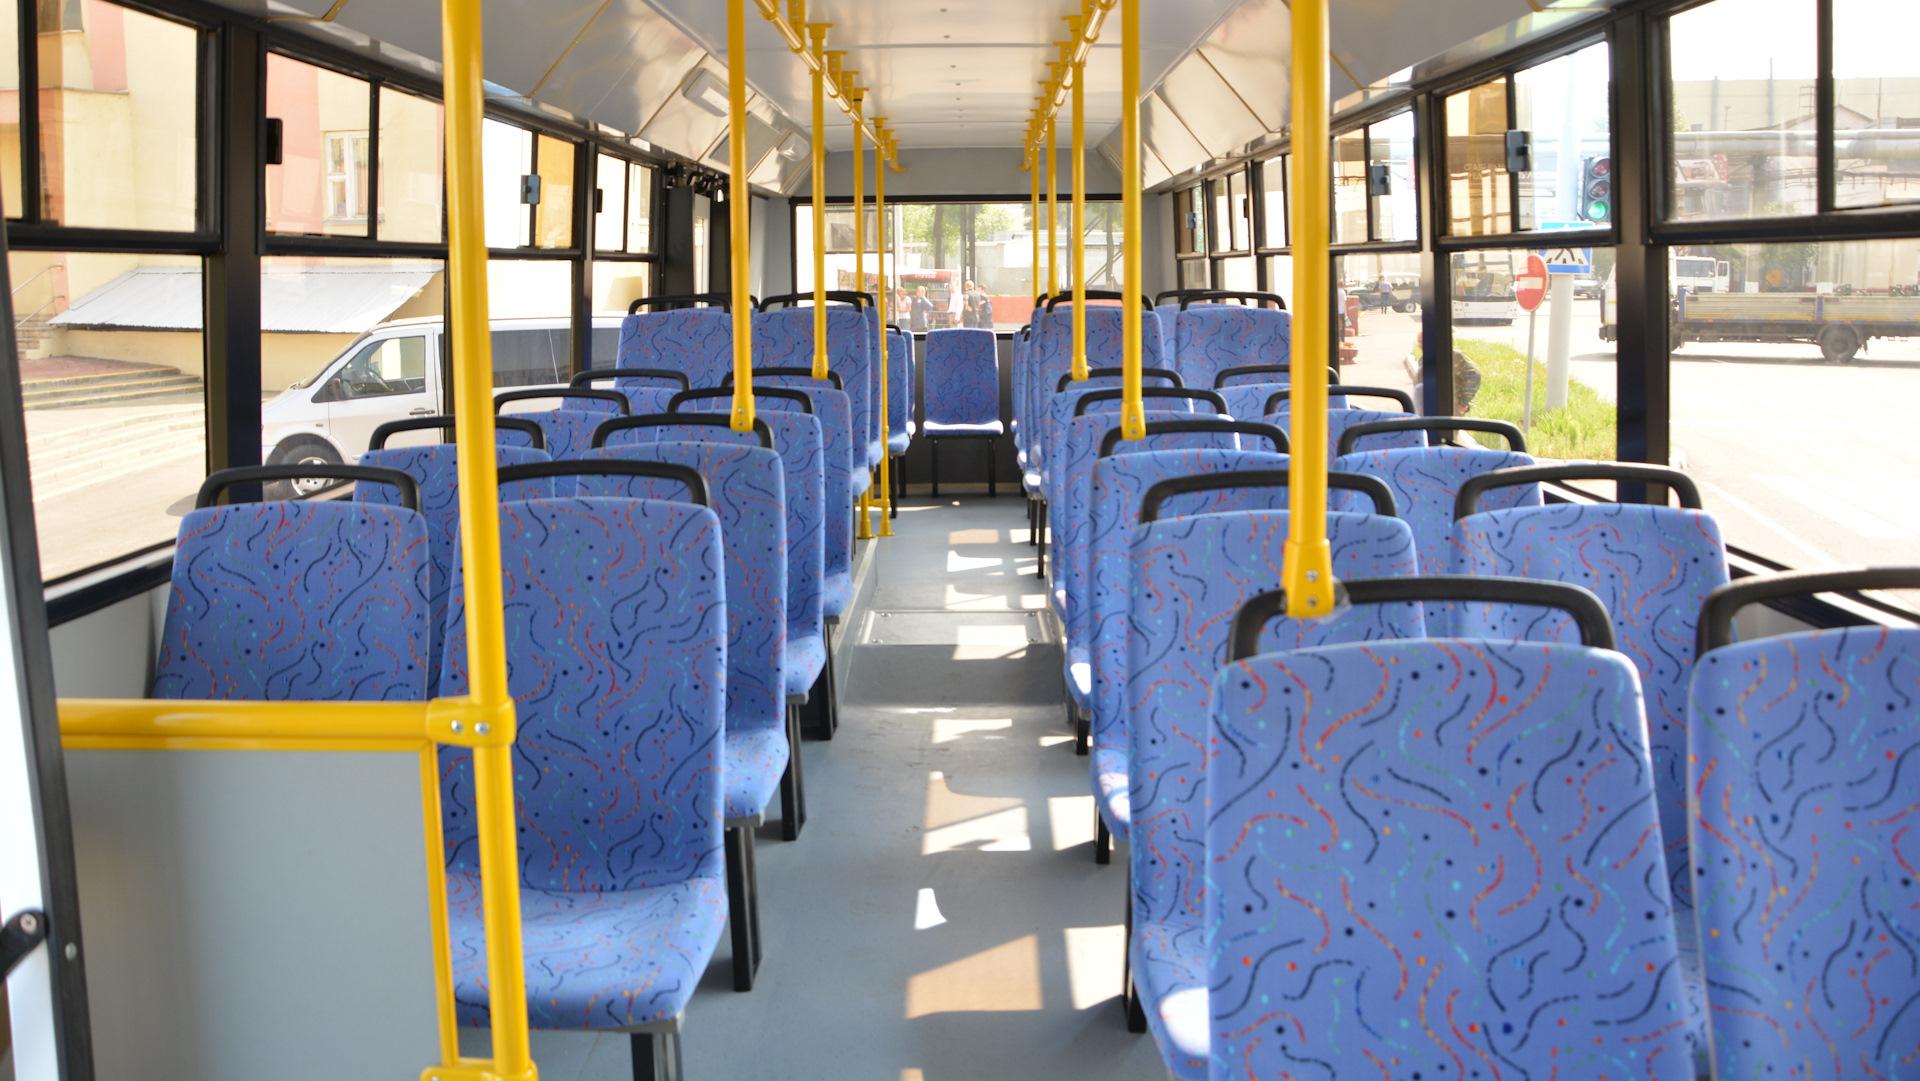 Автобус изнутри картинка так